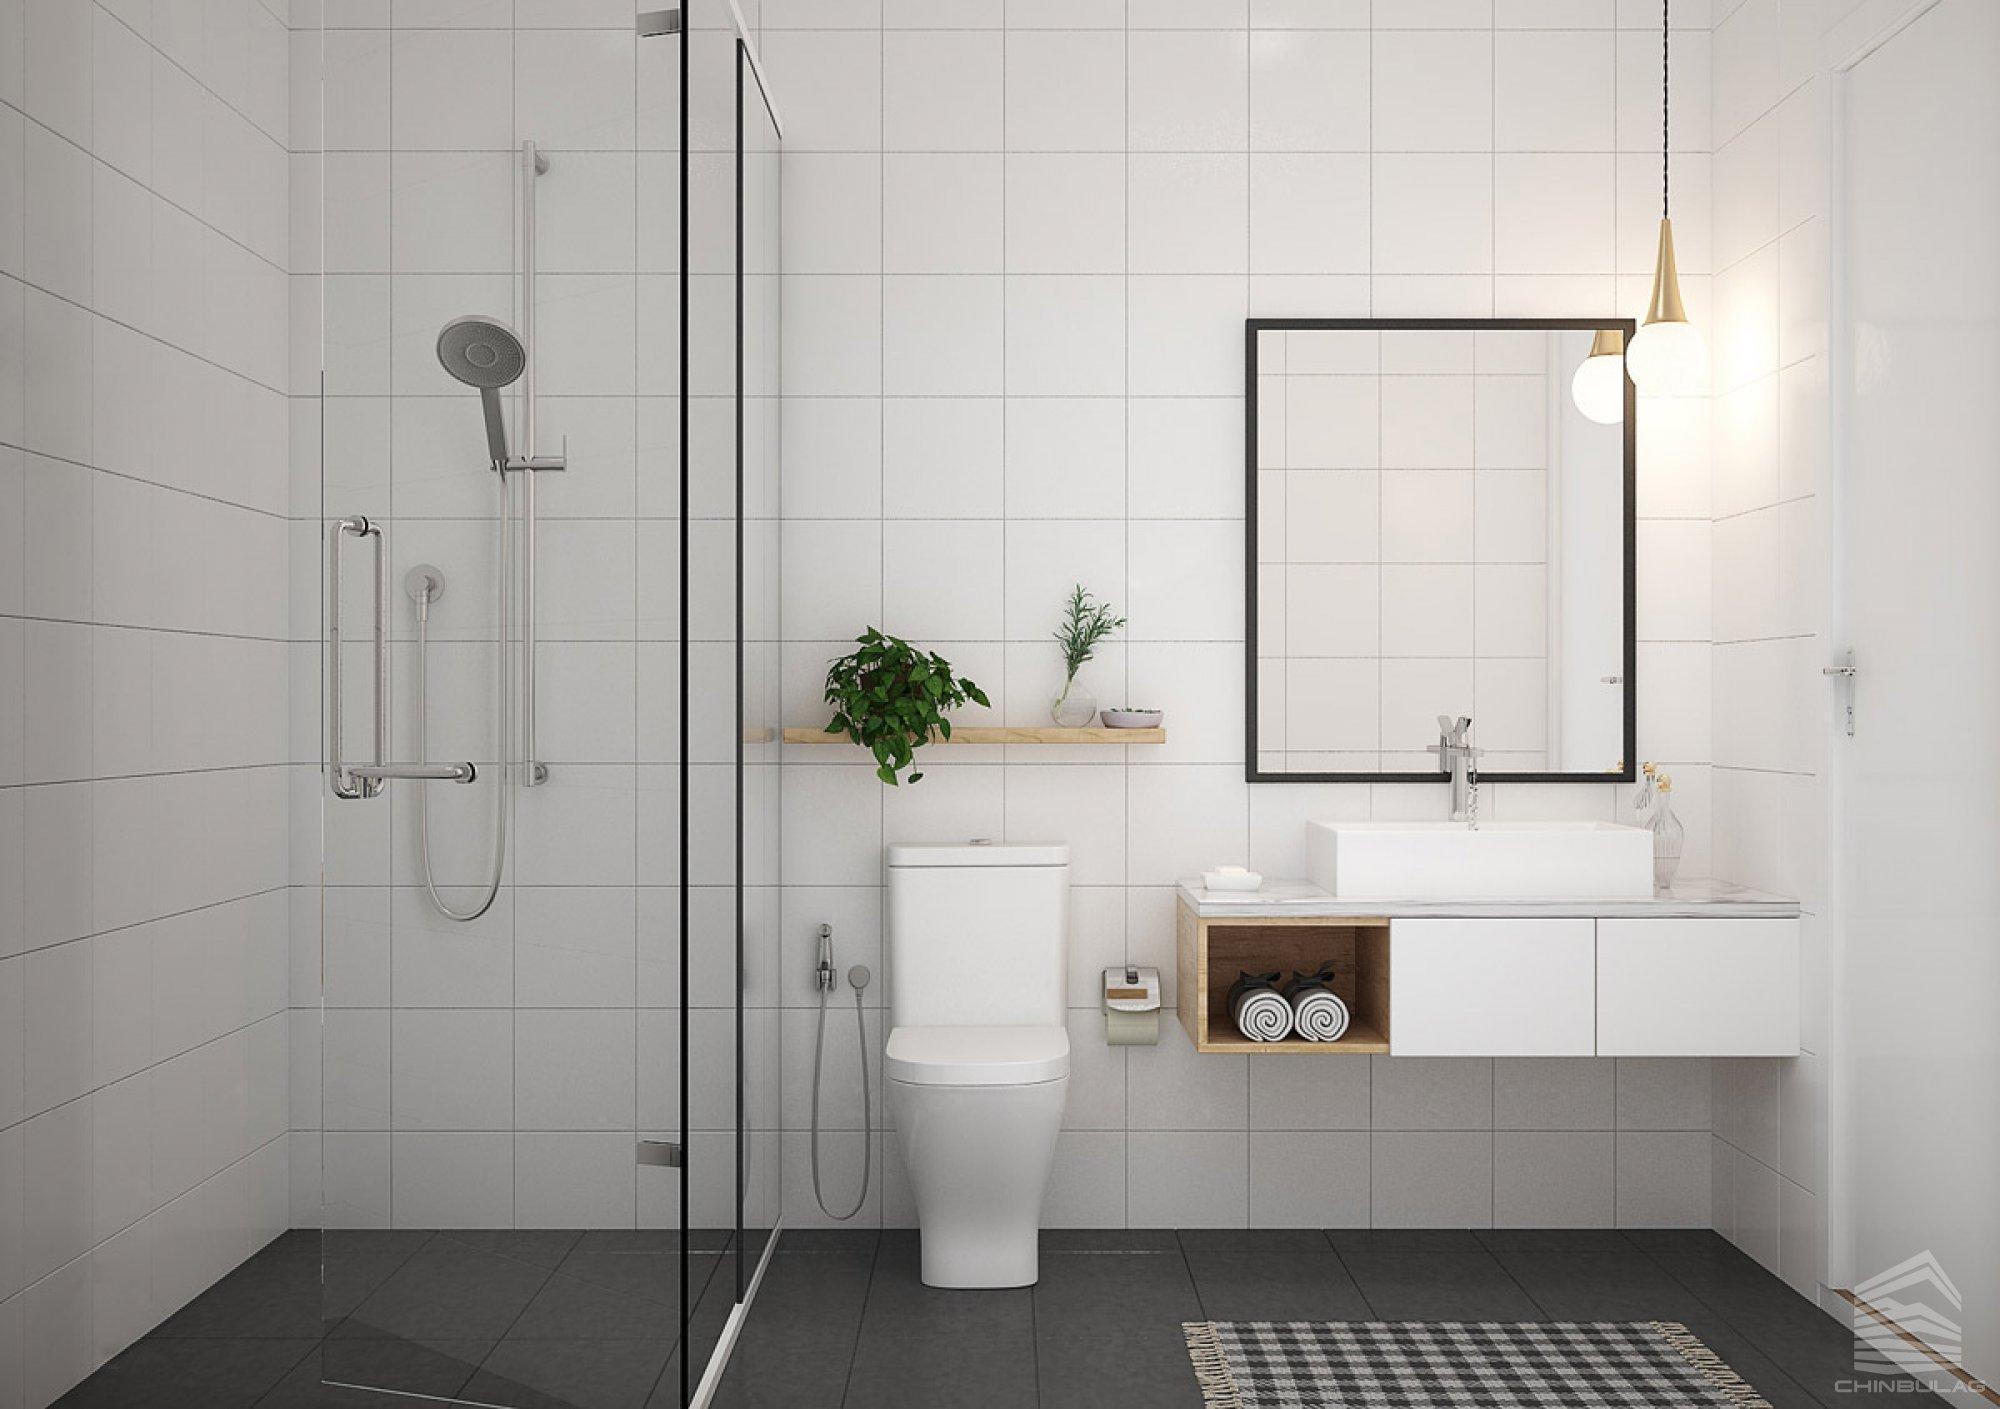 Минимал хэв маягт дурлагсаддаа угаалгын өрөөний өвөрмөц санаануудийг хүргэж байна.